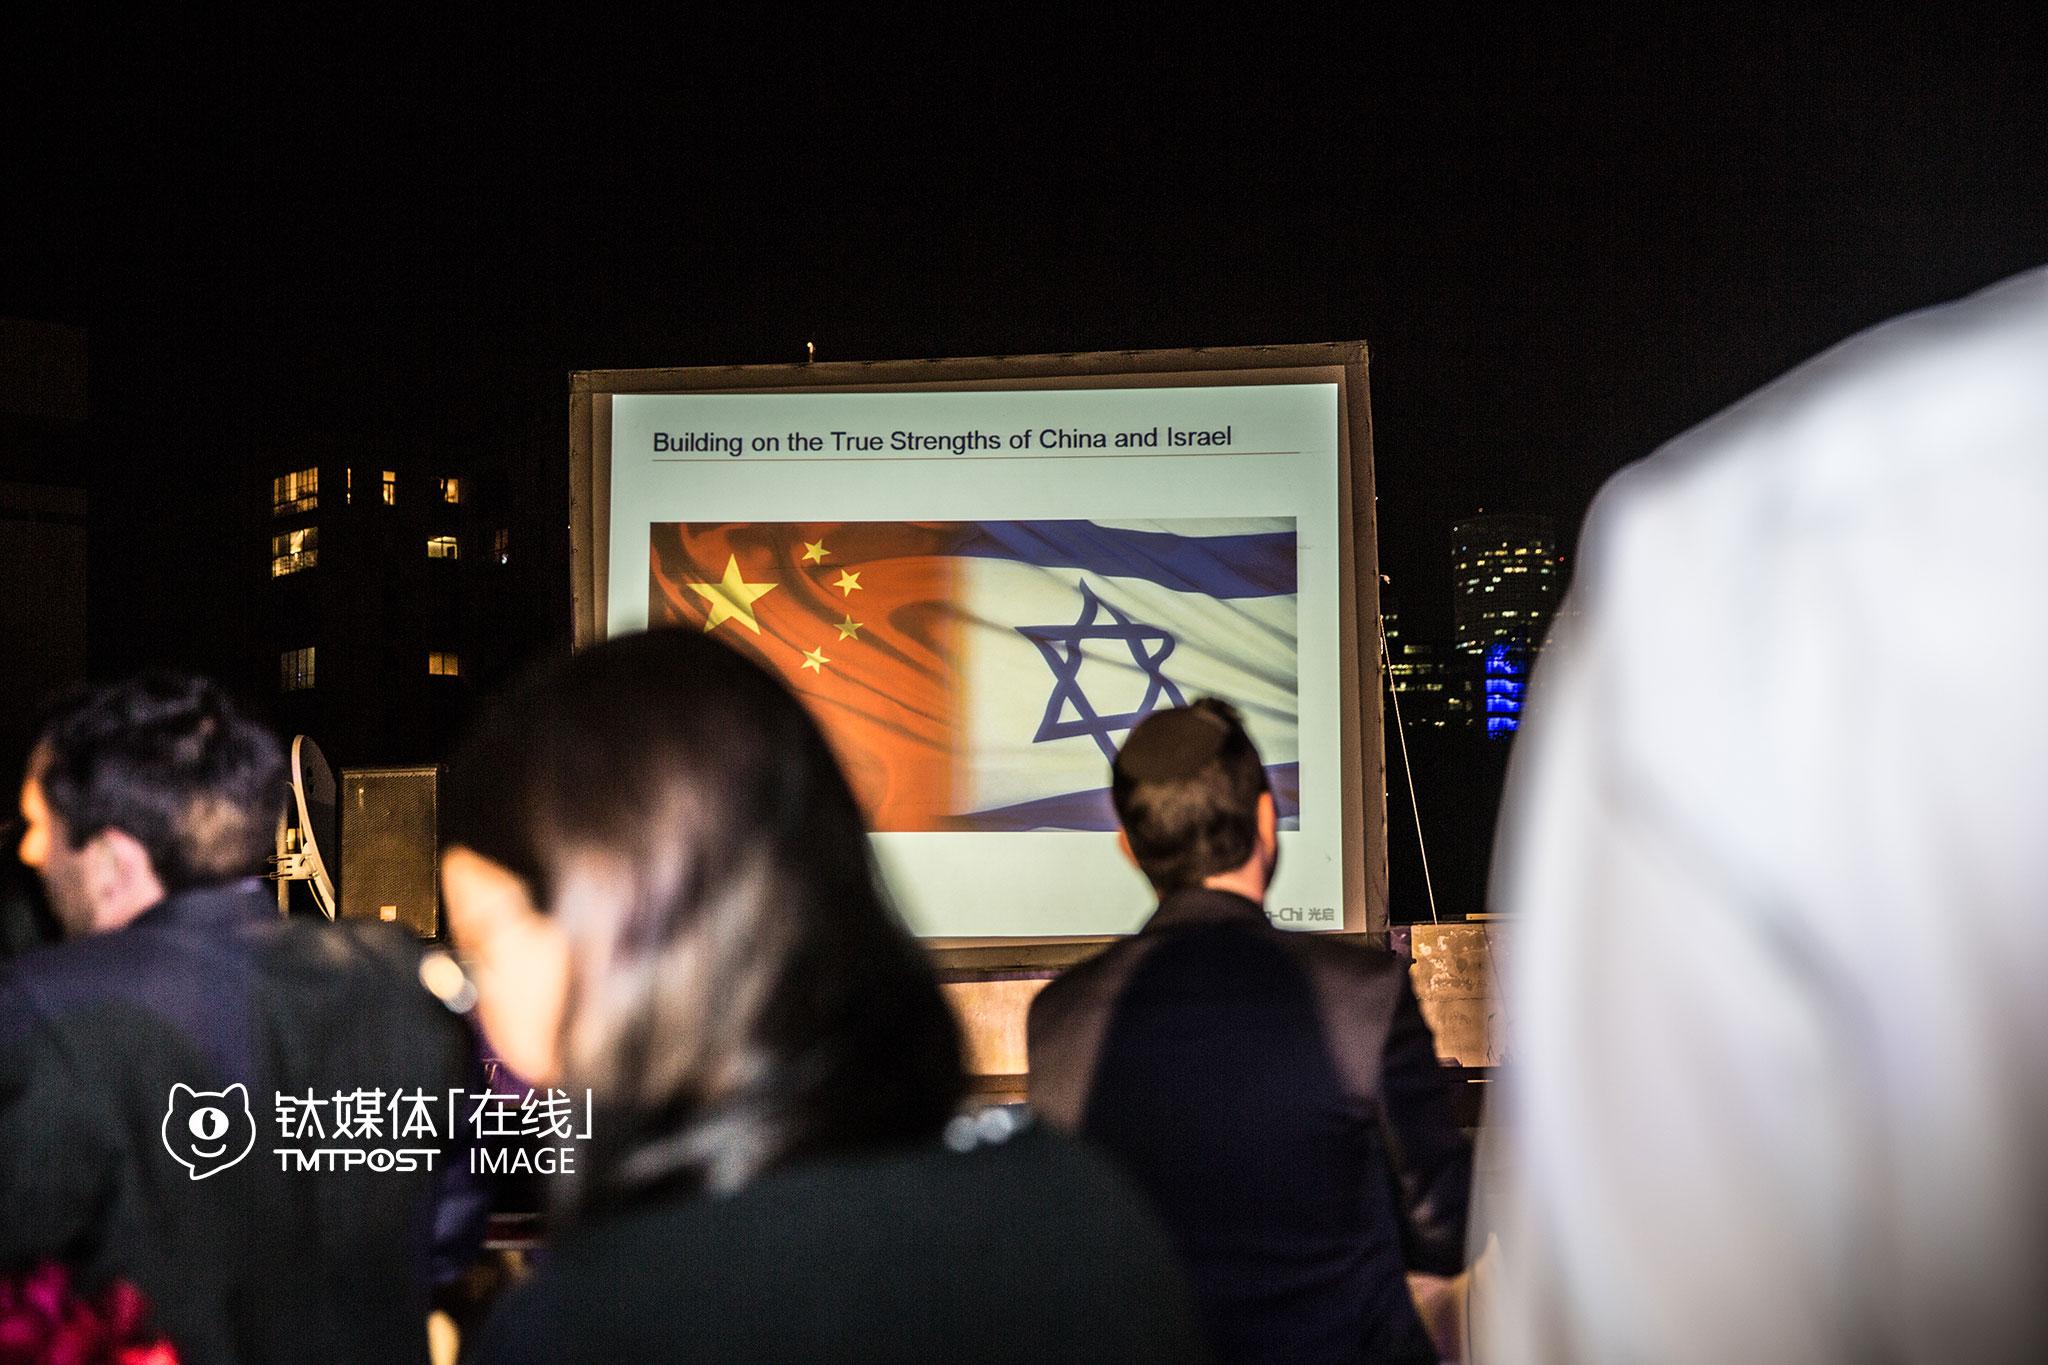 """当地时间5月5日晚间,光启宣布""""光启全球创新共同体孵化器""""(简称GCI)在以色列特拉维夫正式成立,""""总投资3亿美元,首期投入5000万美元,将对以色列乃至全球科技创新项目进行投资。"""""""